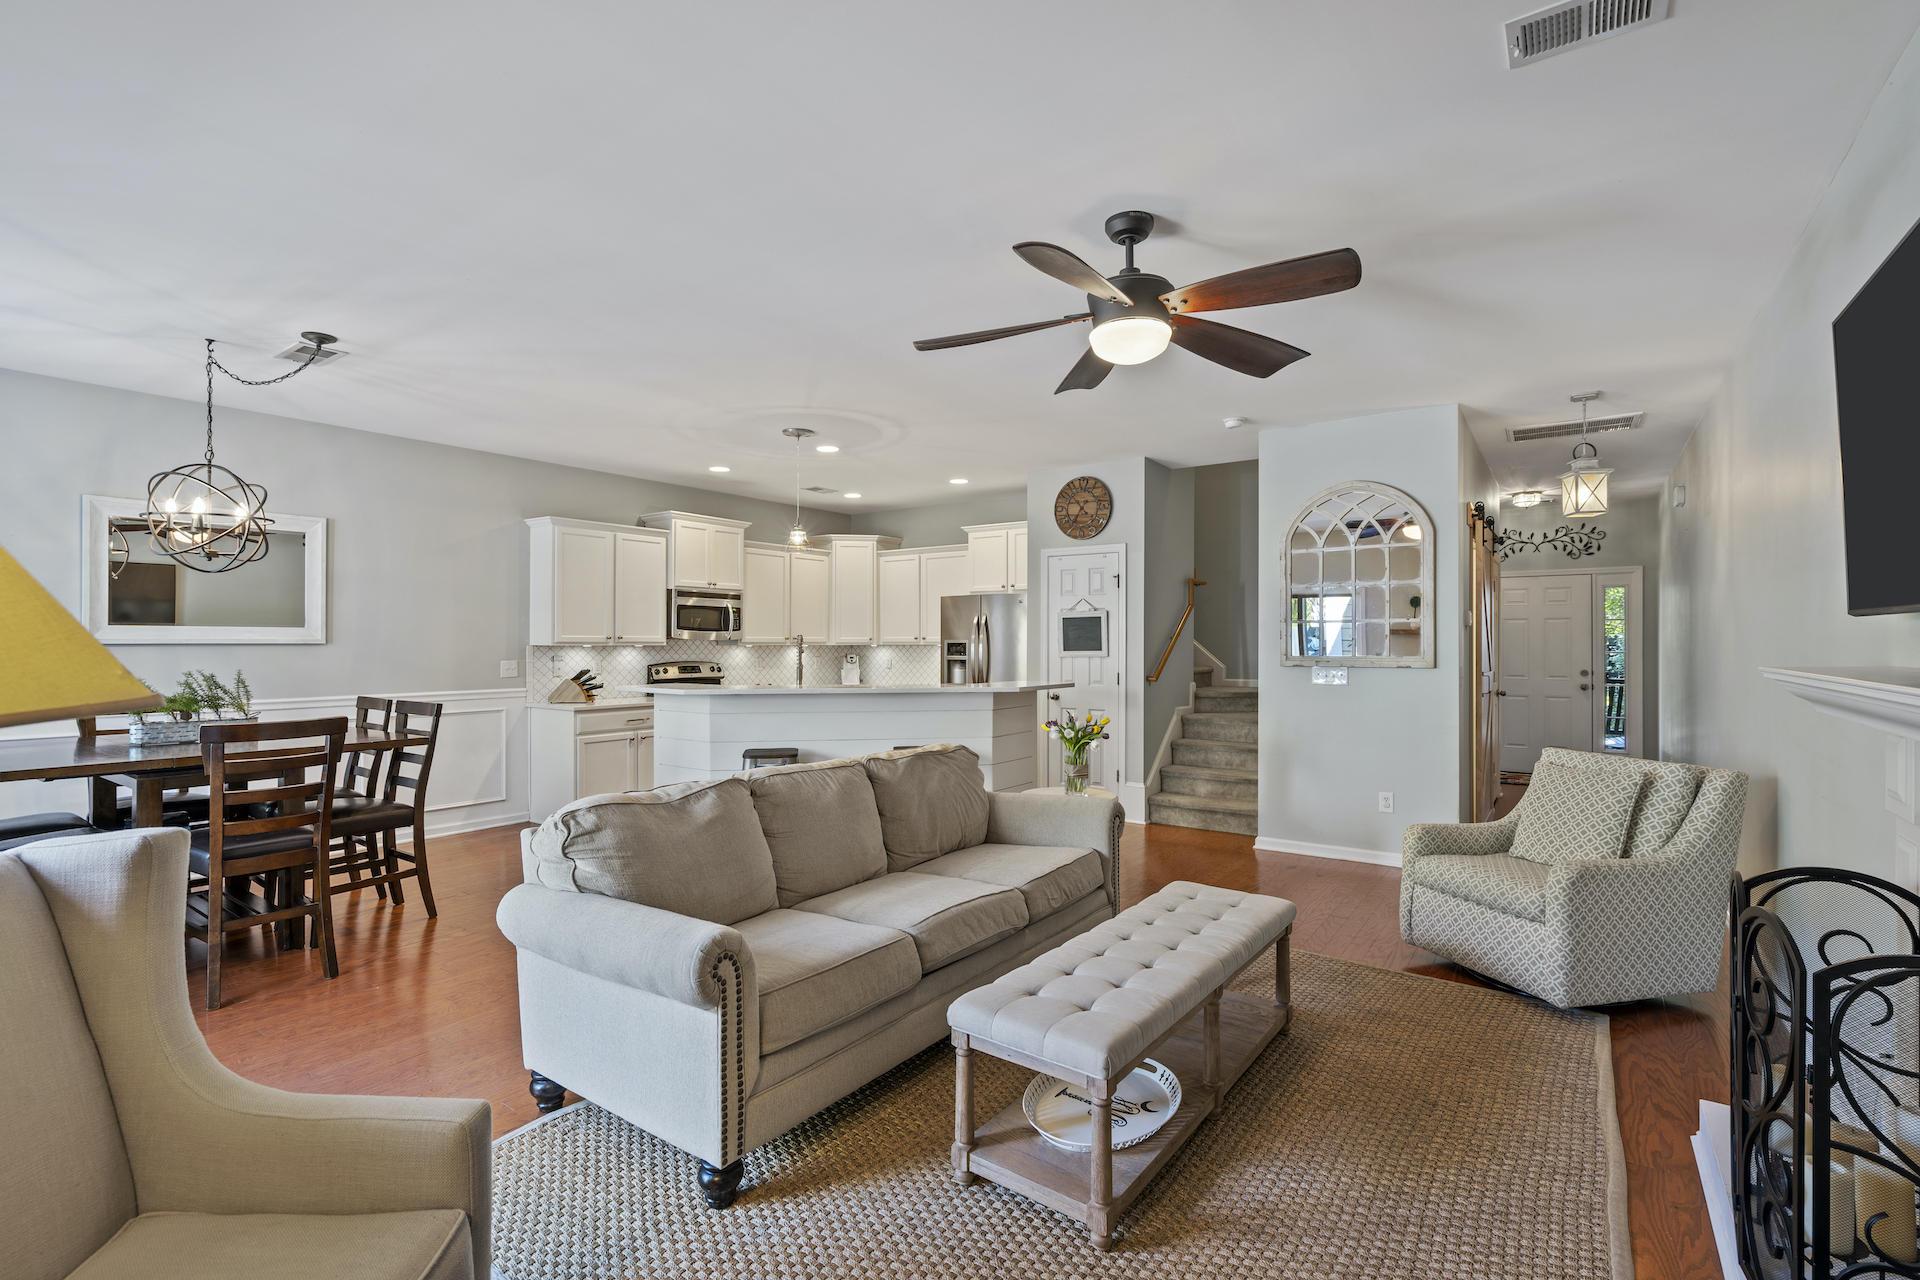 Park West Homes For Sale - 3061 Park West, Mount Pleasant, SC - 13